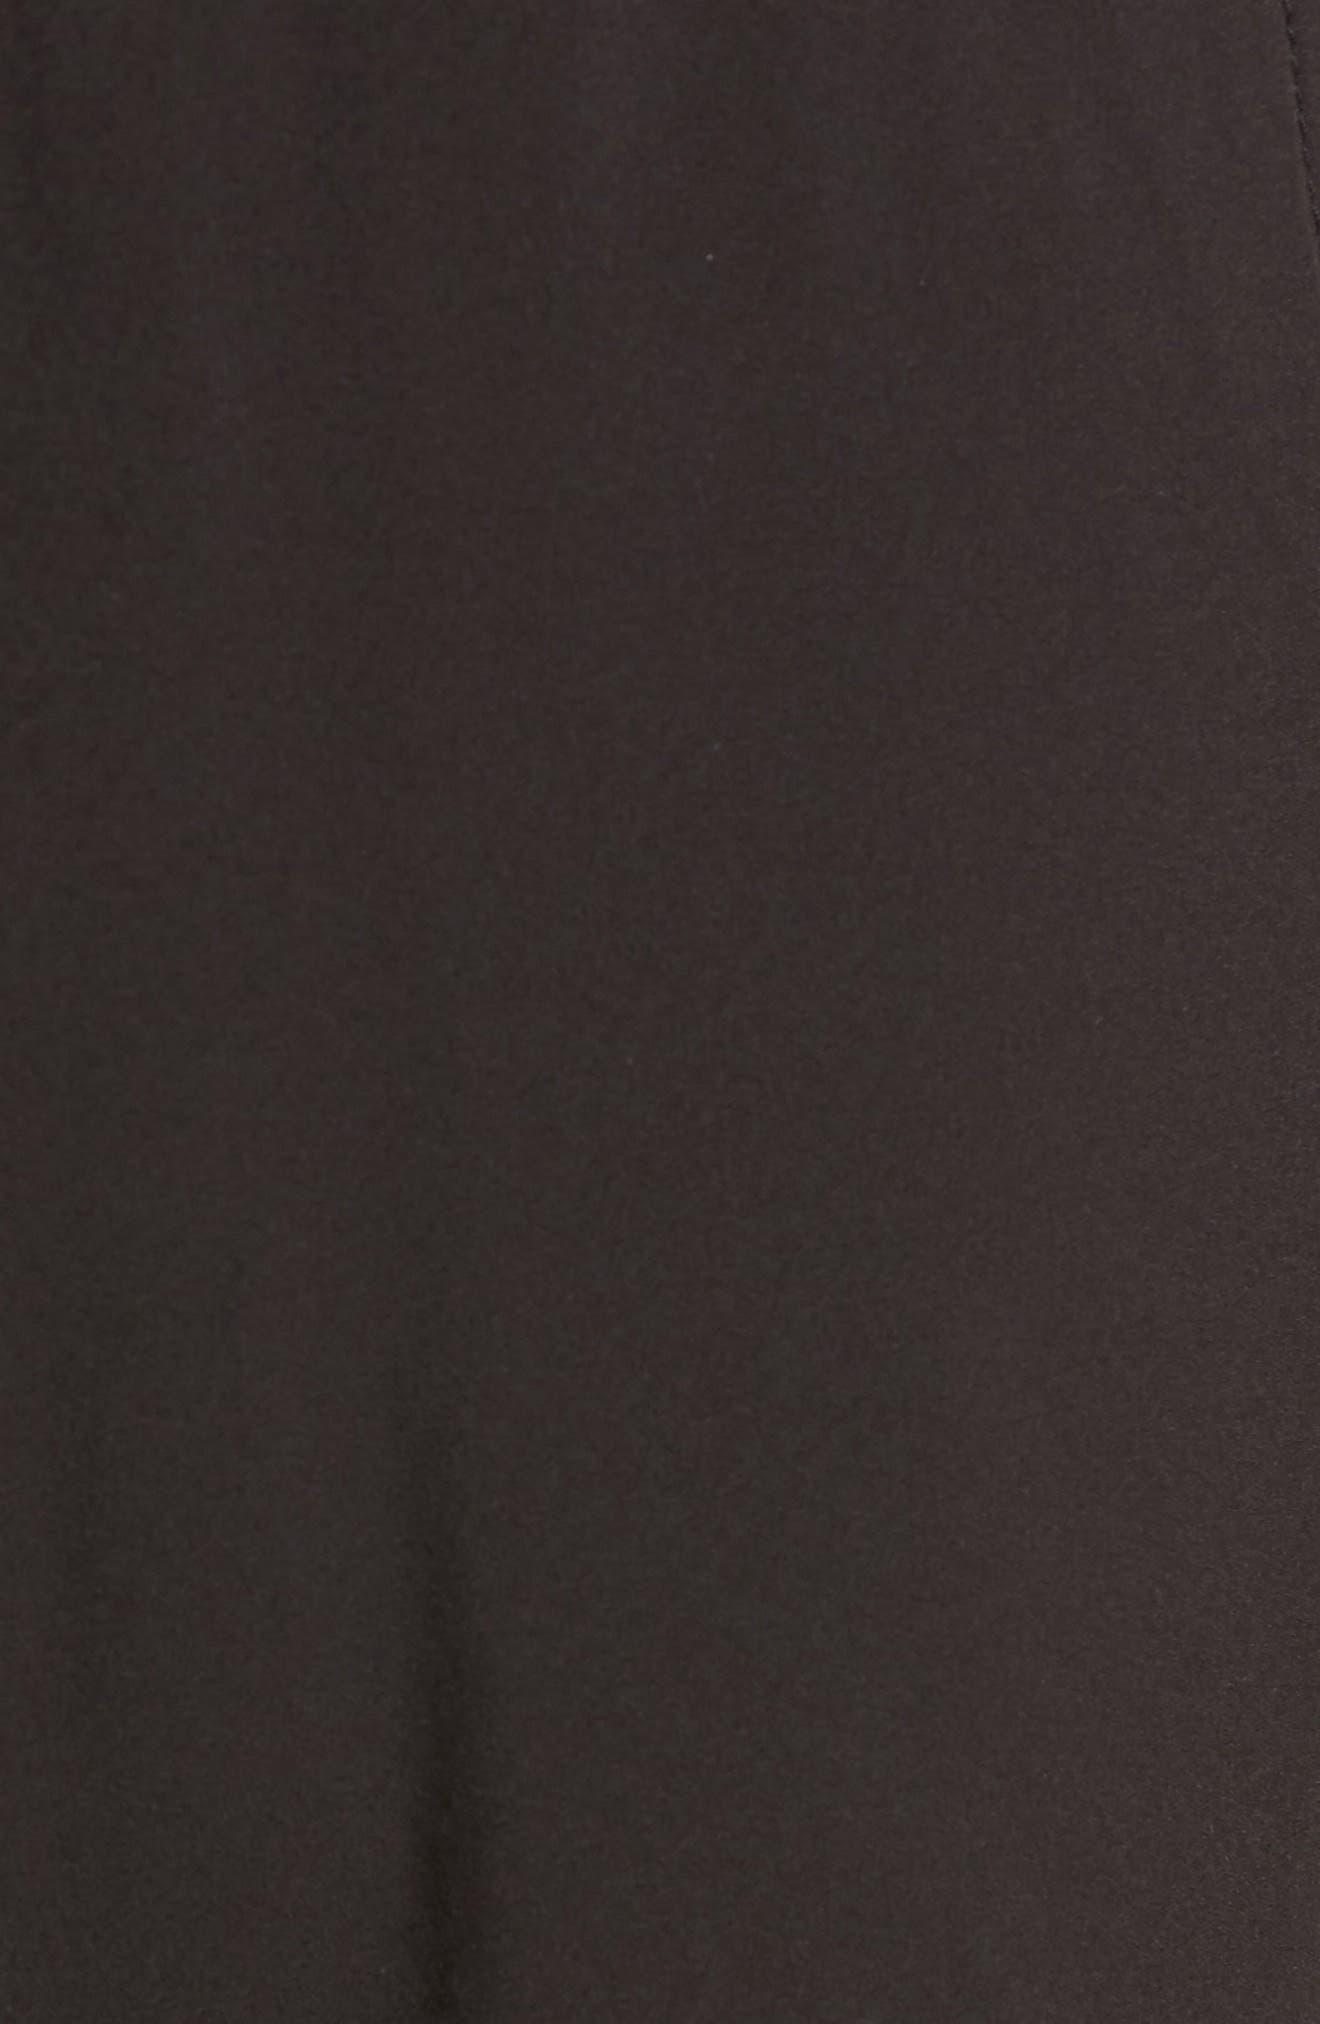 Kore Shorts,                             Alternate thumbnail 5, color,                             001